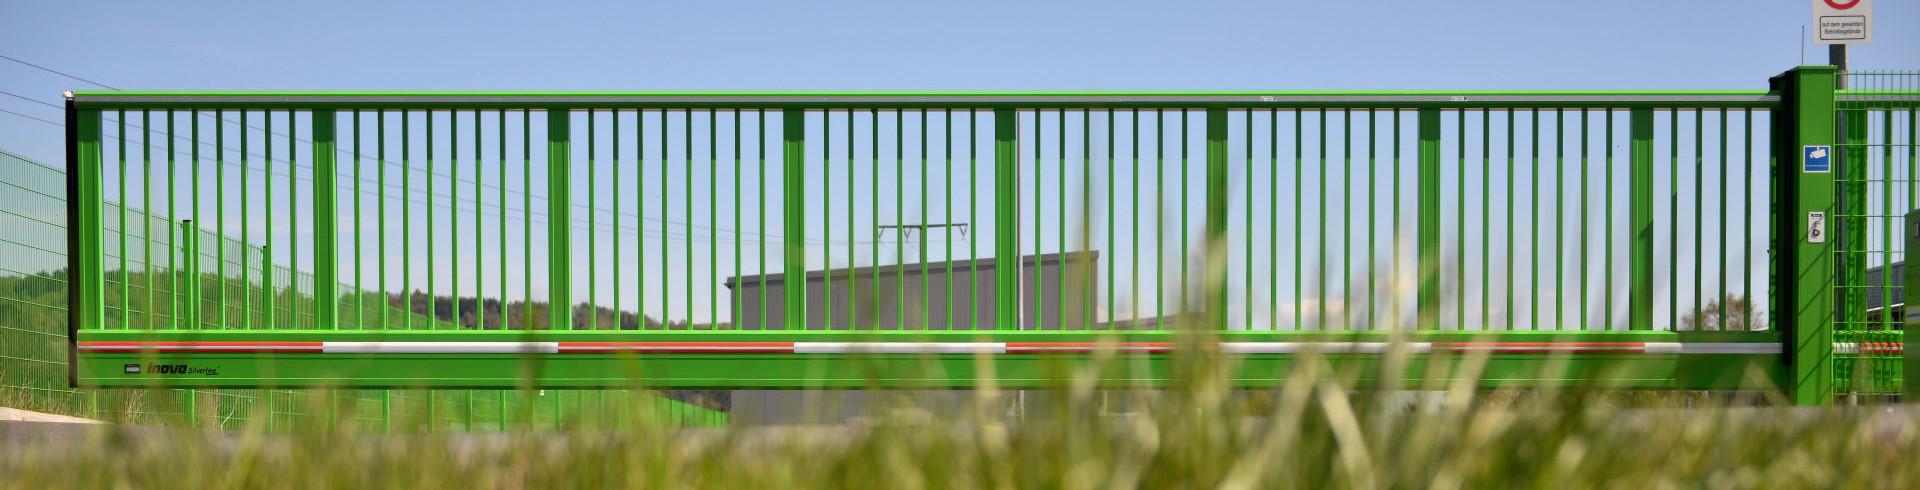 Schiebetor INOVA SilverLine grün Vorderansicht geschlossen von Berlemann Torbau GmbH